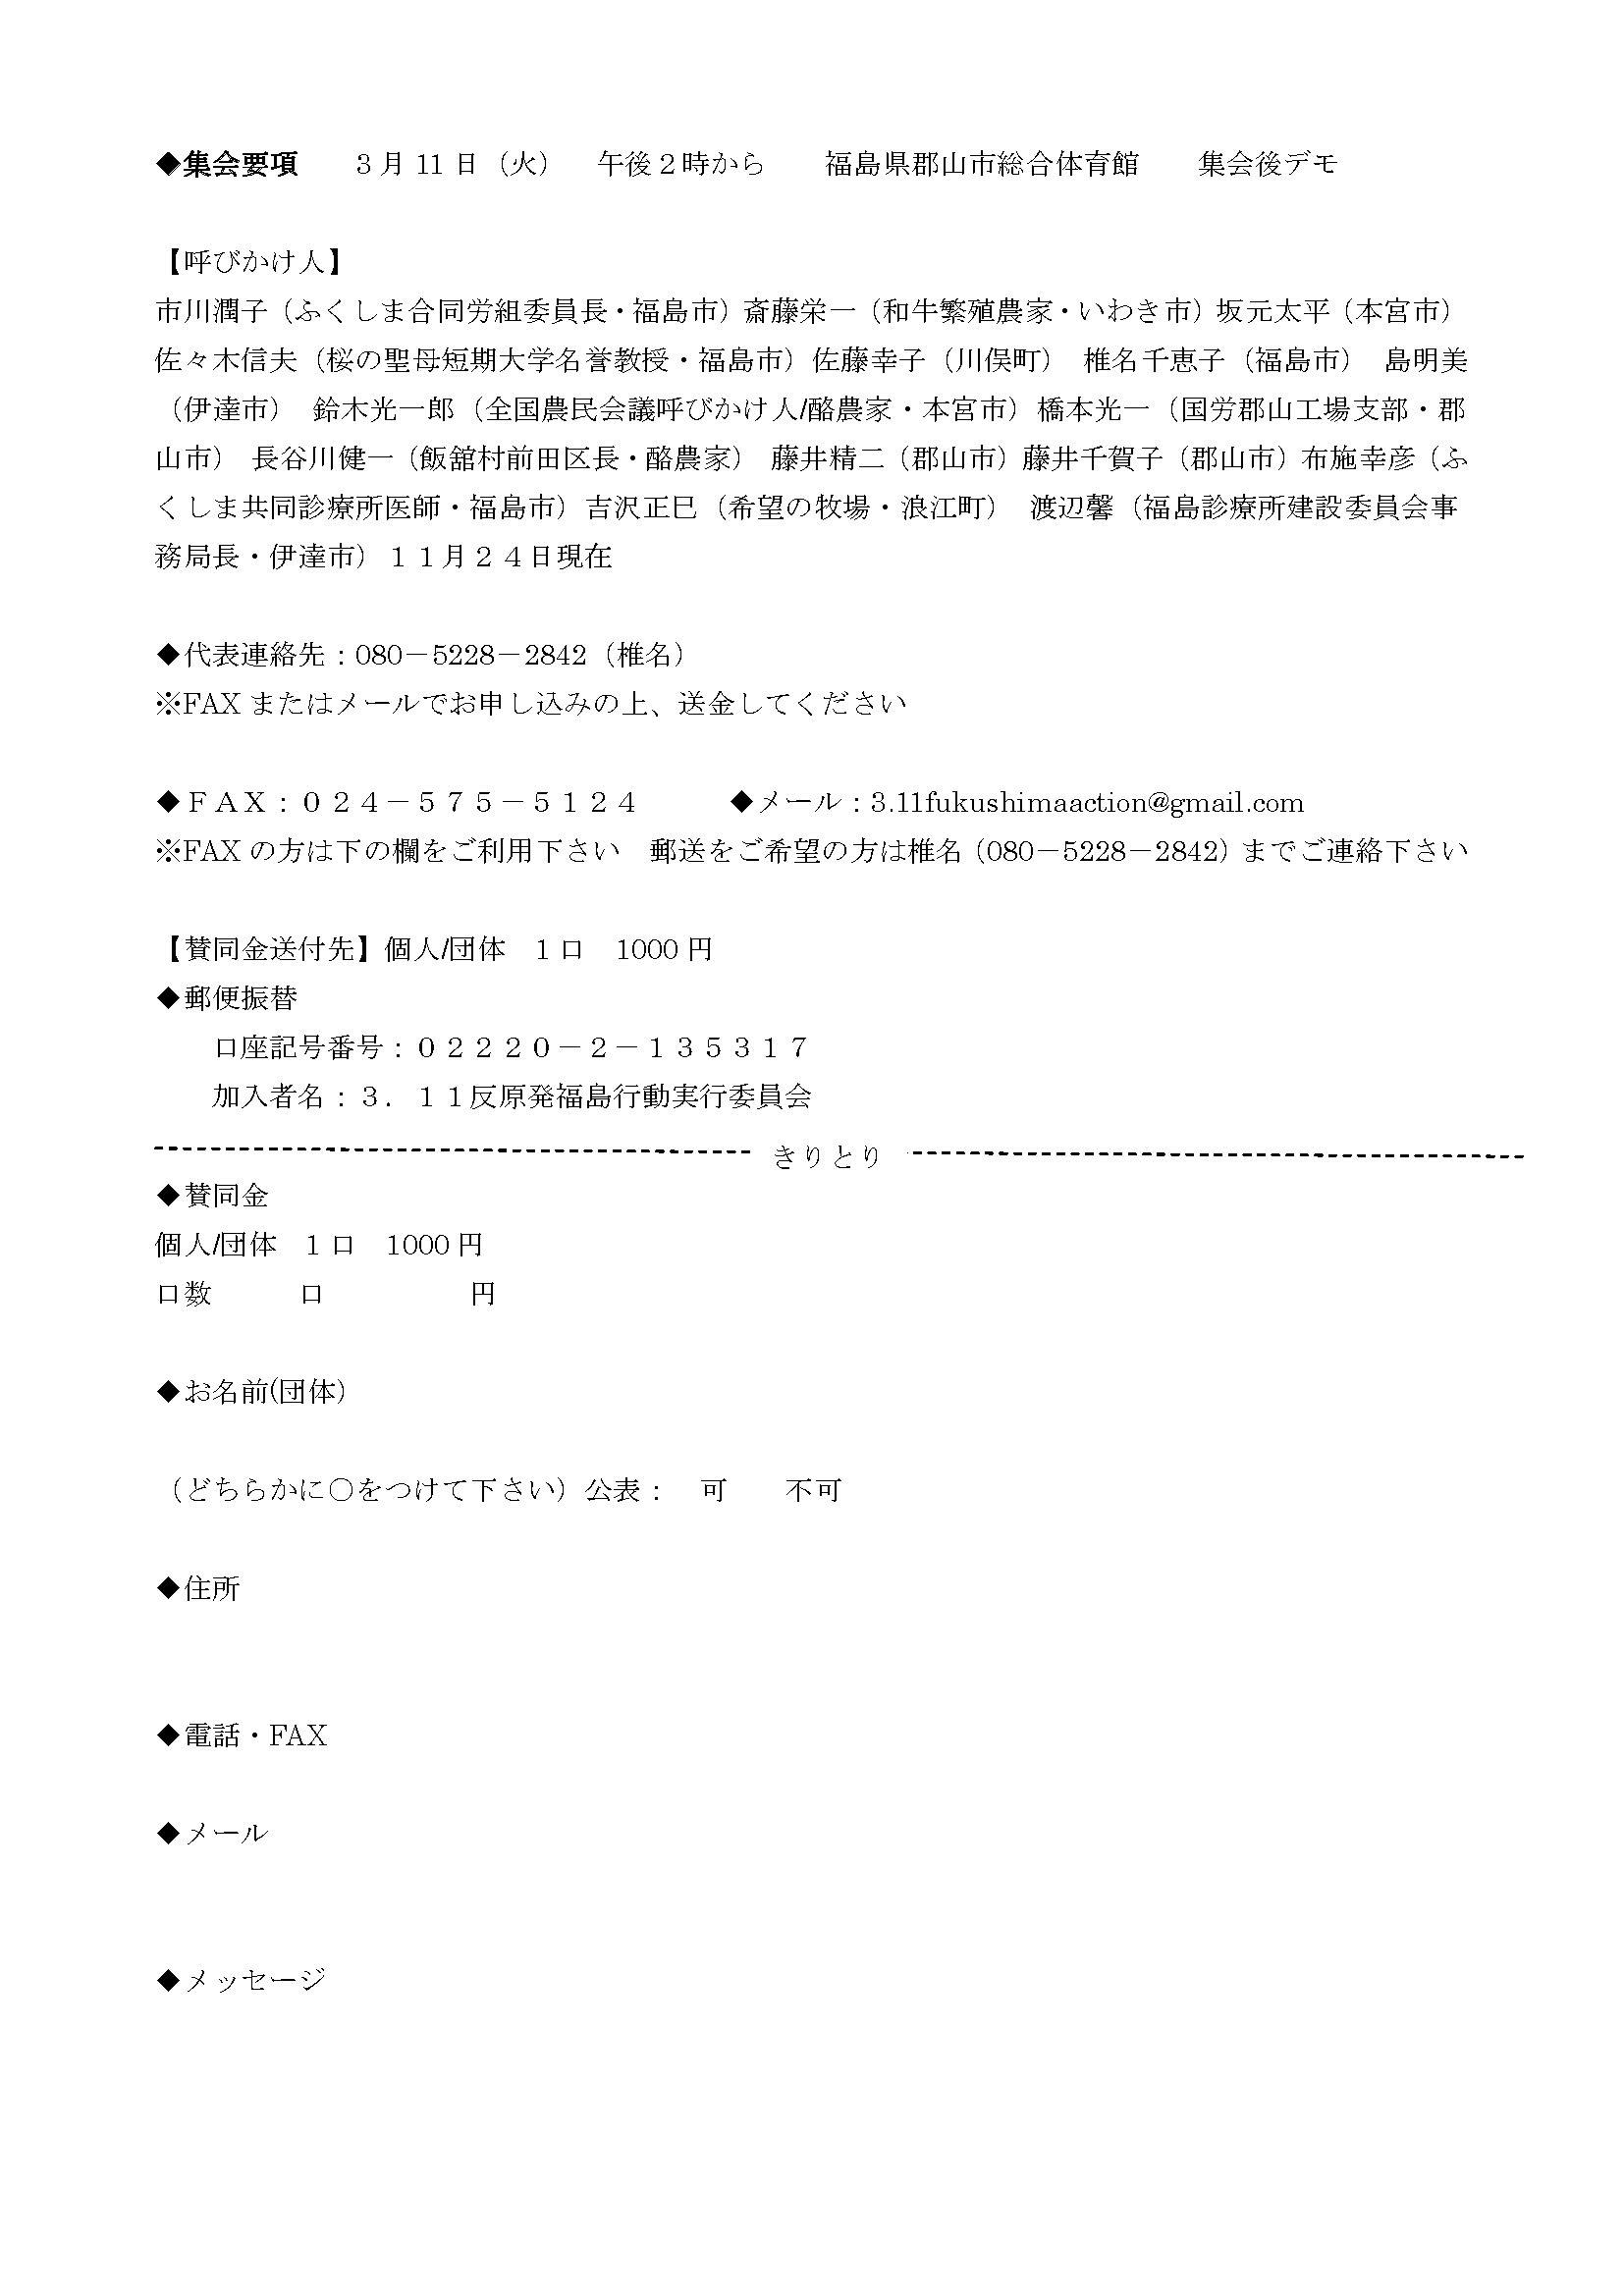 「3・11反原発福島行動 '14」呼びかけ_裏